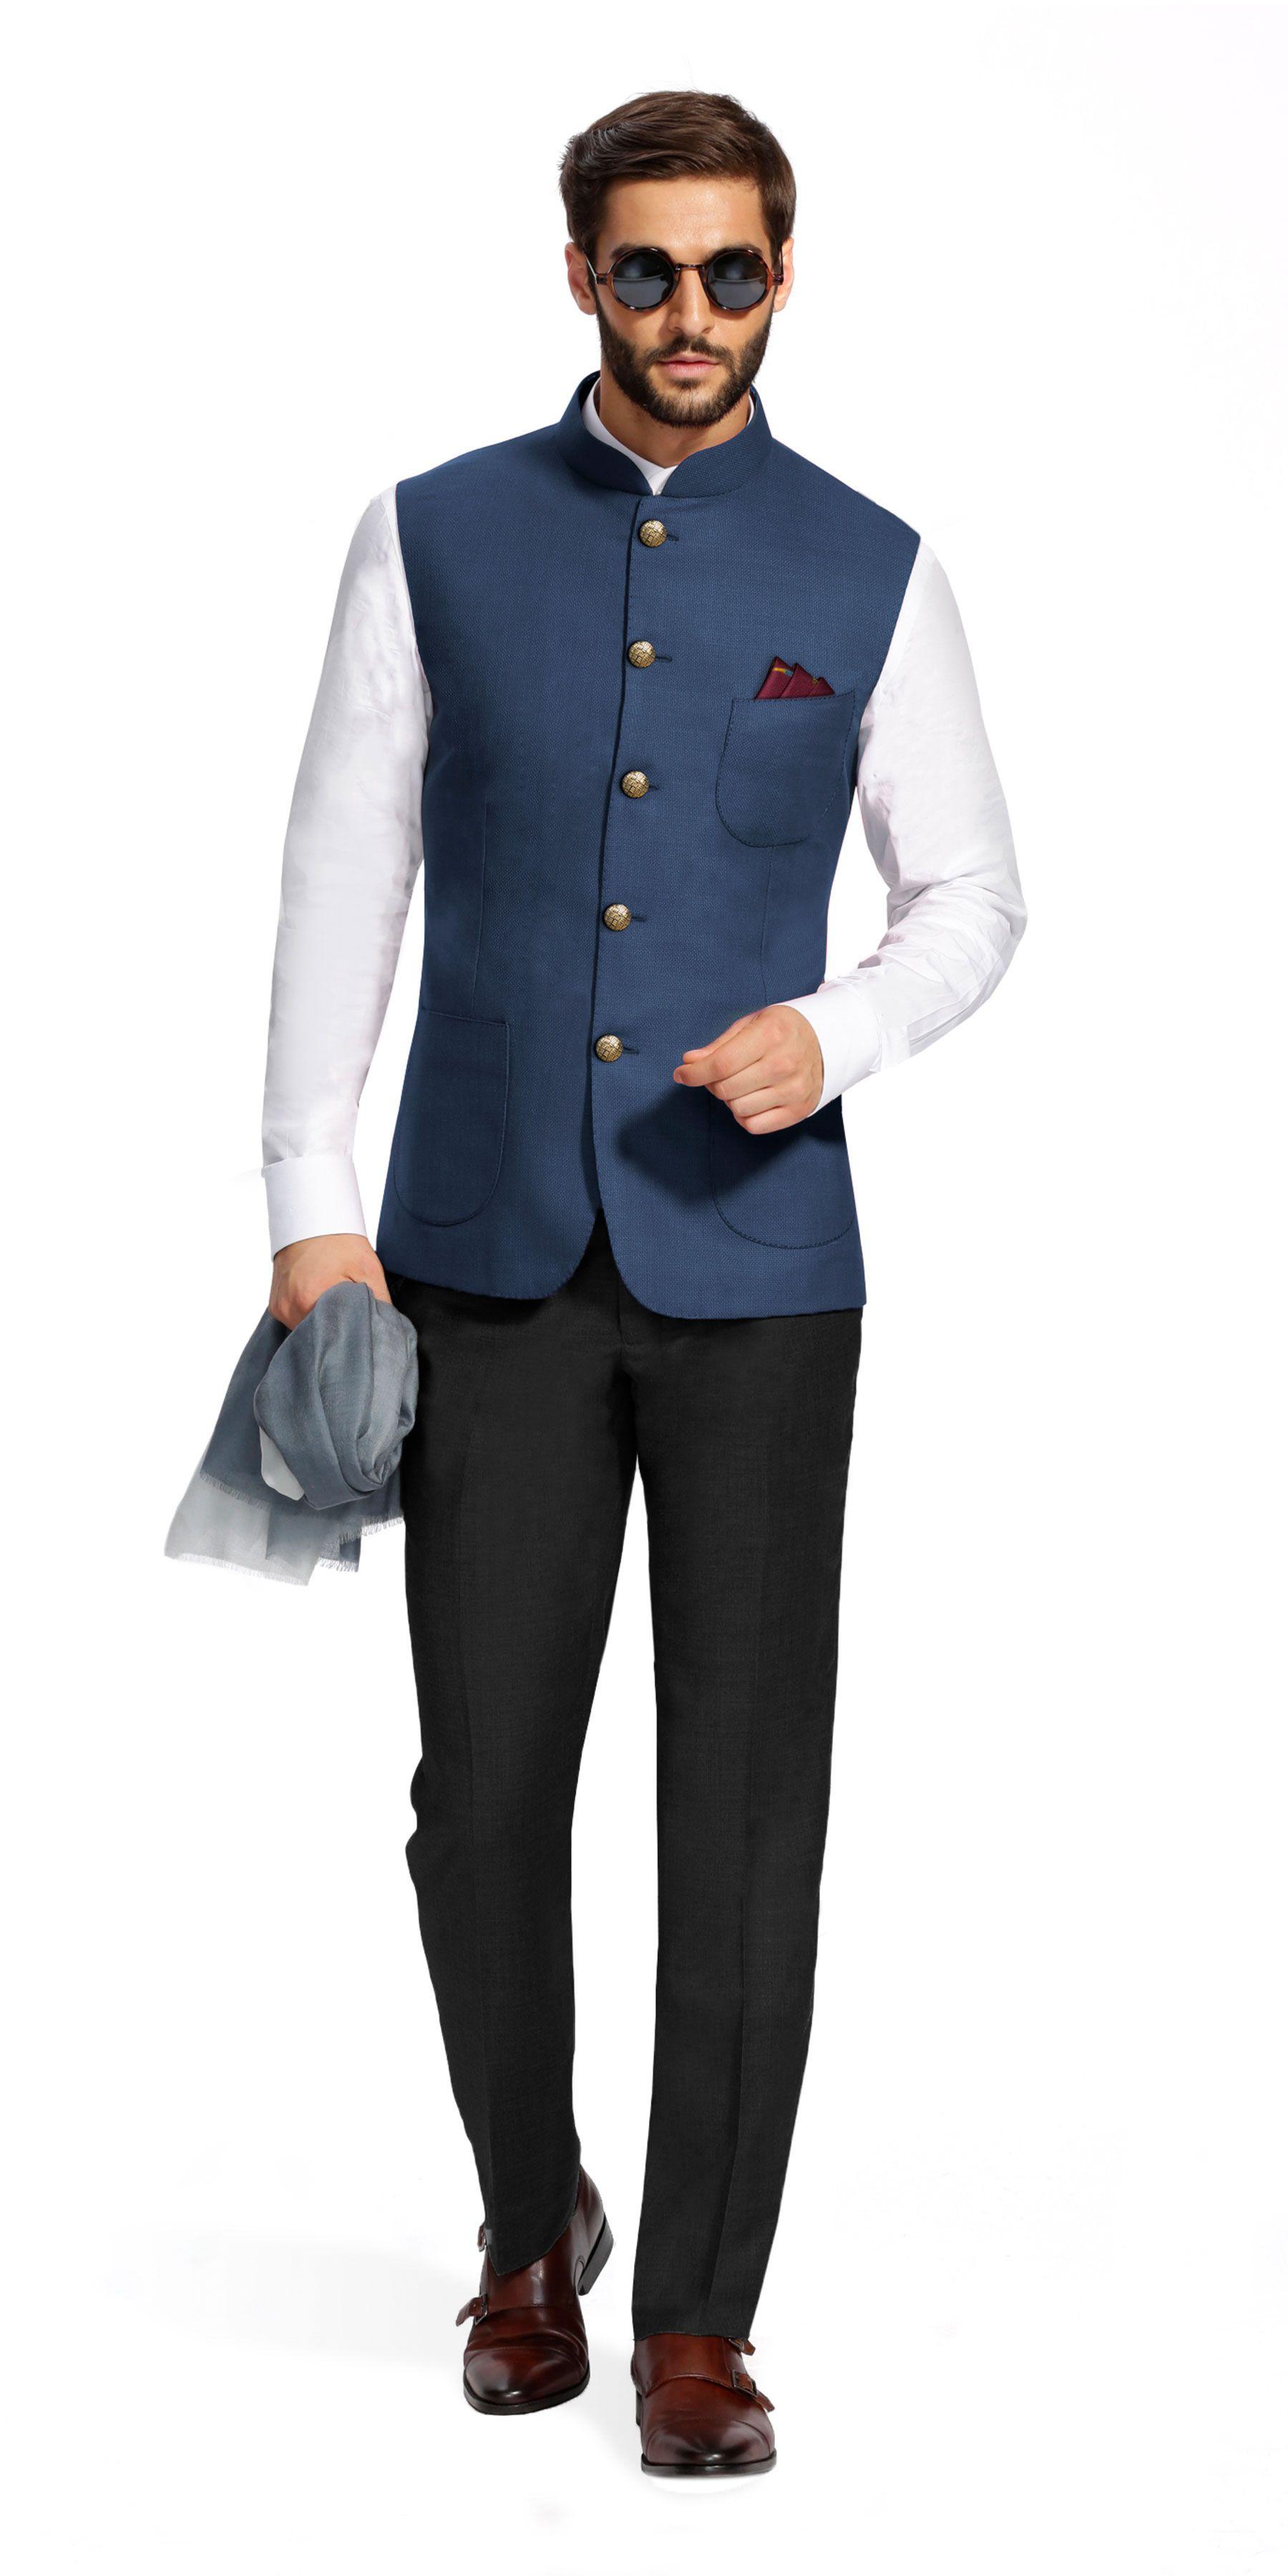 8db93ffa67f Nehru Jacket For Men · Iwaki Wedding Kurta For Men